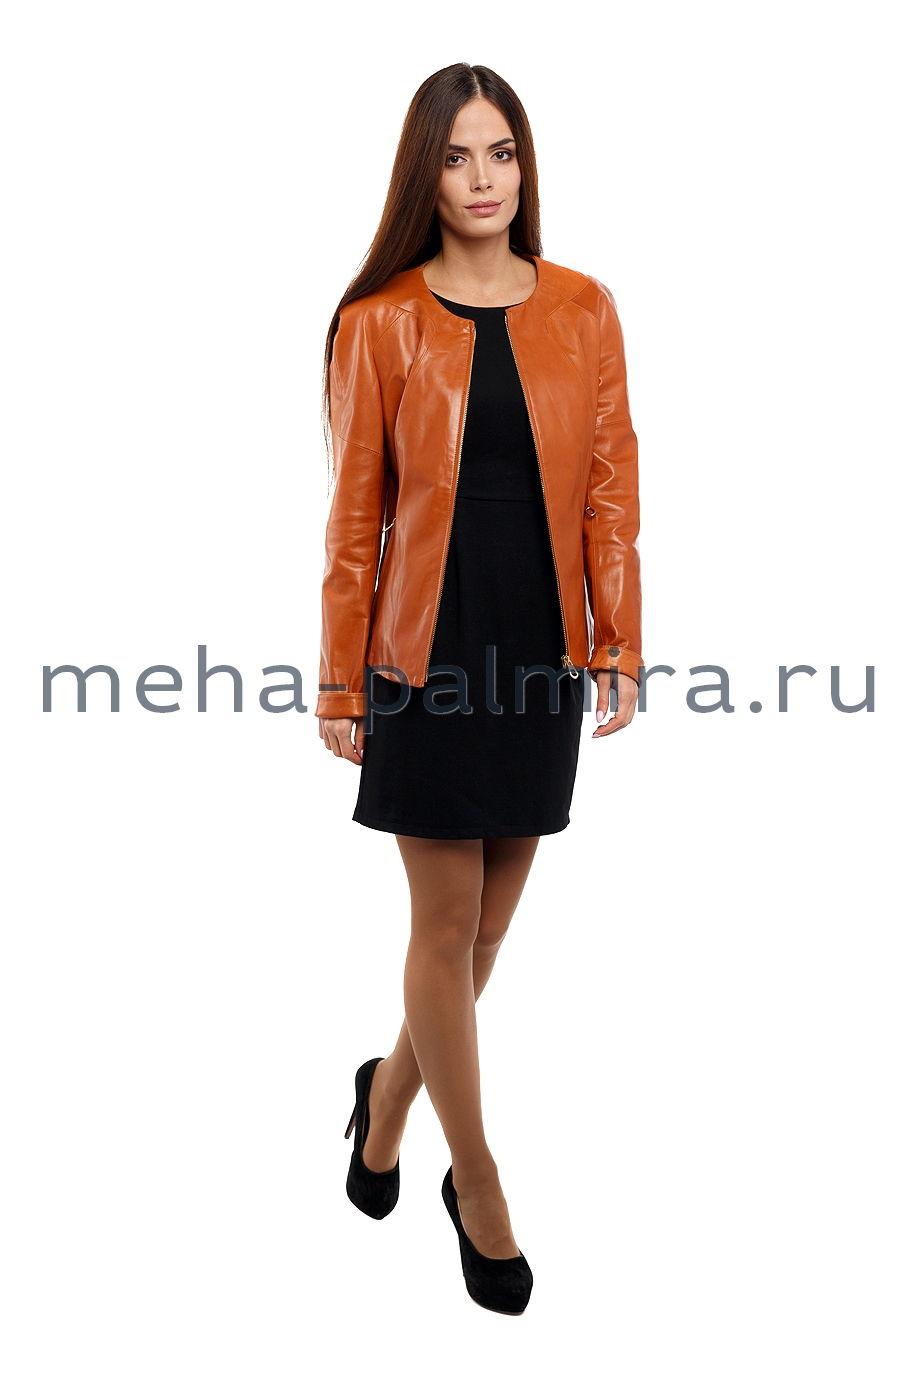 Стильная кожаная куртка на молнии рыжего цвета